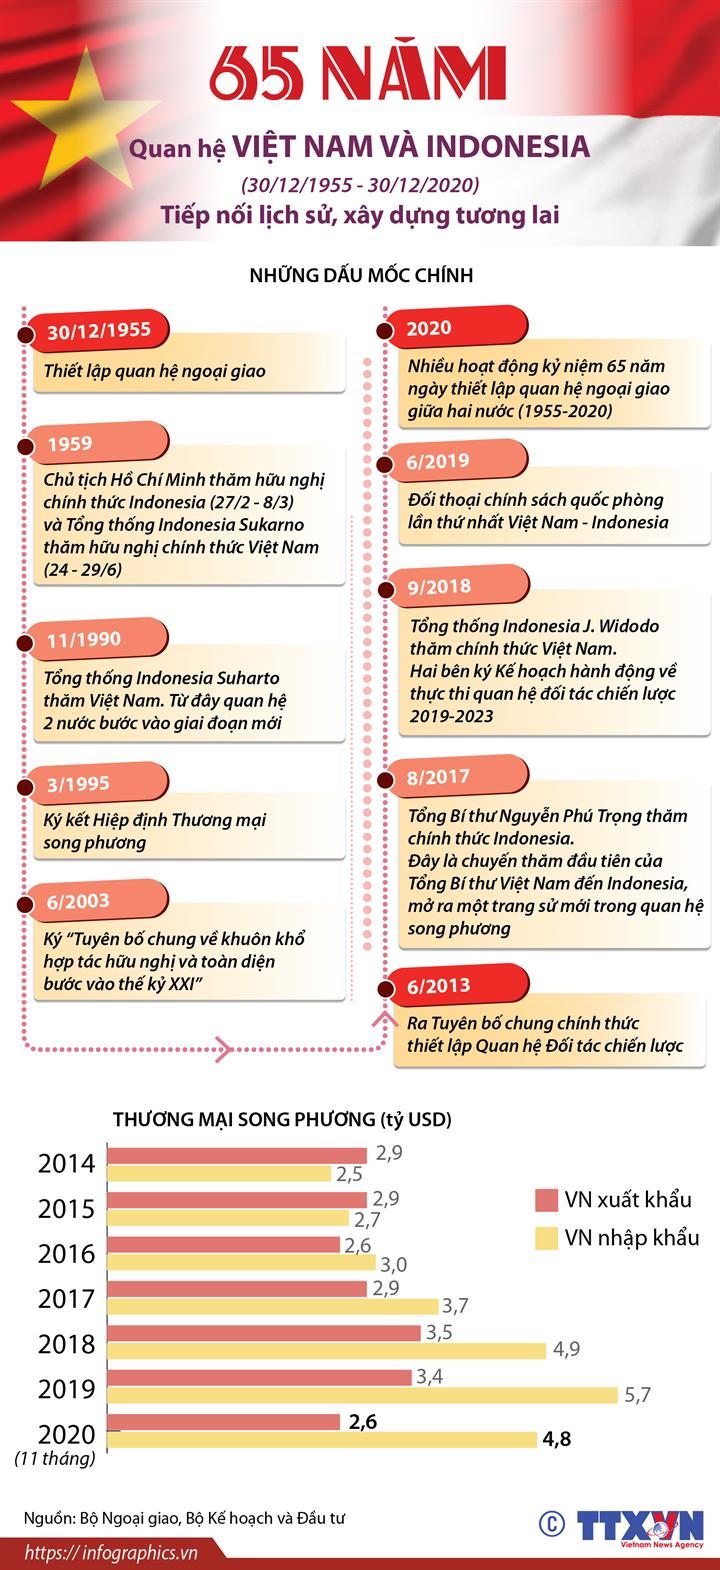 65 năm quan hệ Việt Nam và Indonesia (30/12/1955 - 30/12/2020): Tiếp nối lịch sử, xây dựng tương lai